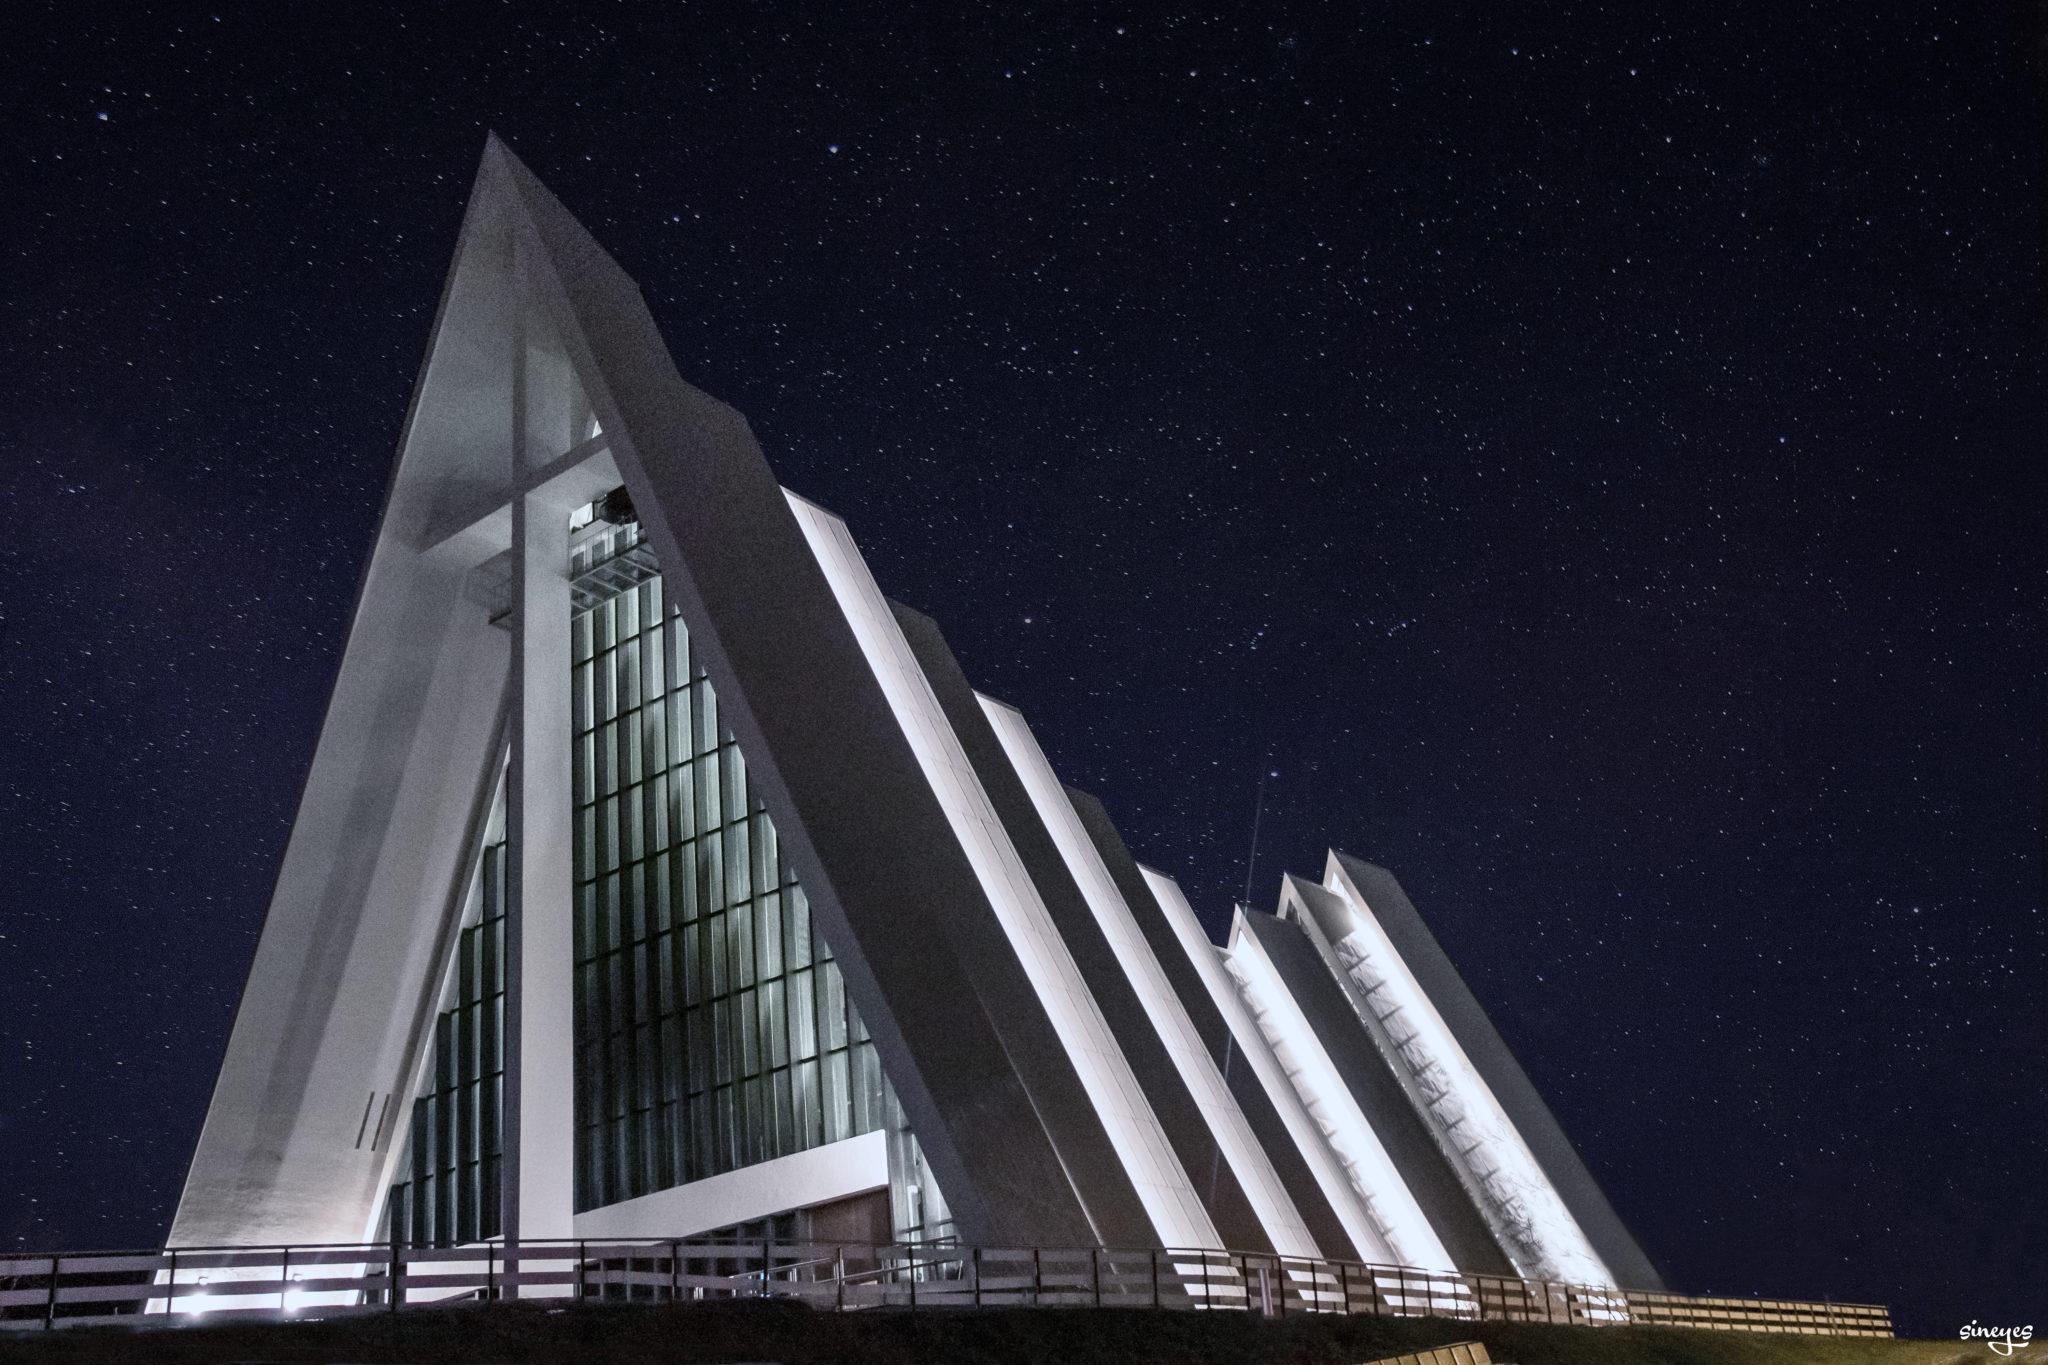 La cathédrale arctique - Tromso